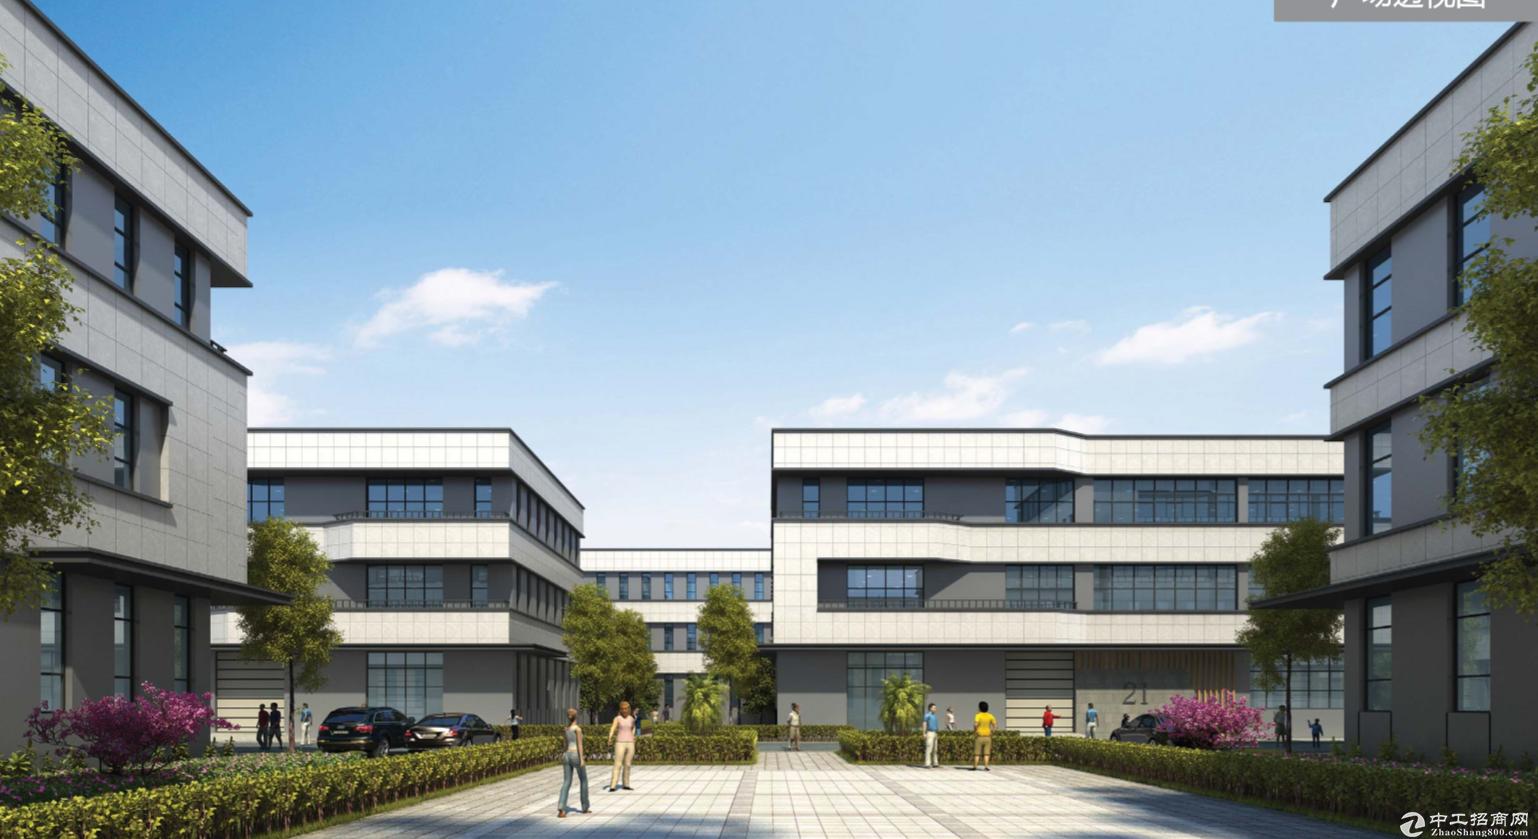 高架旁独栋厂房研发办公 层高8米 两证齐全首付5成